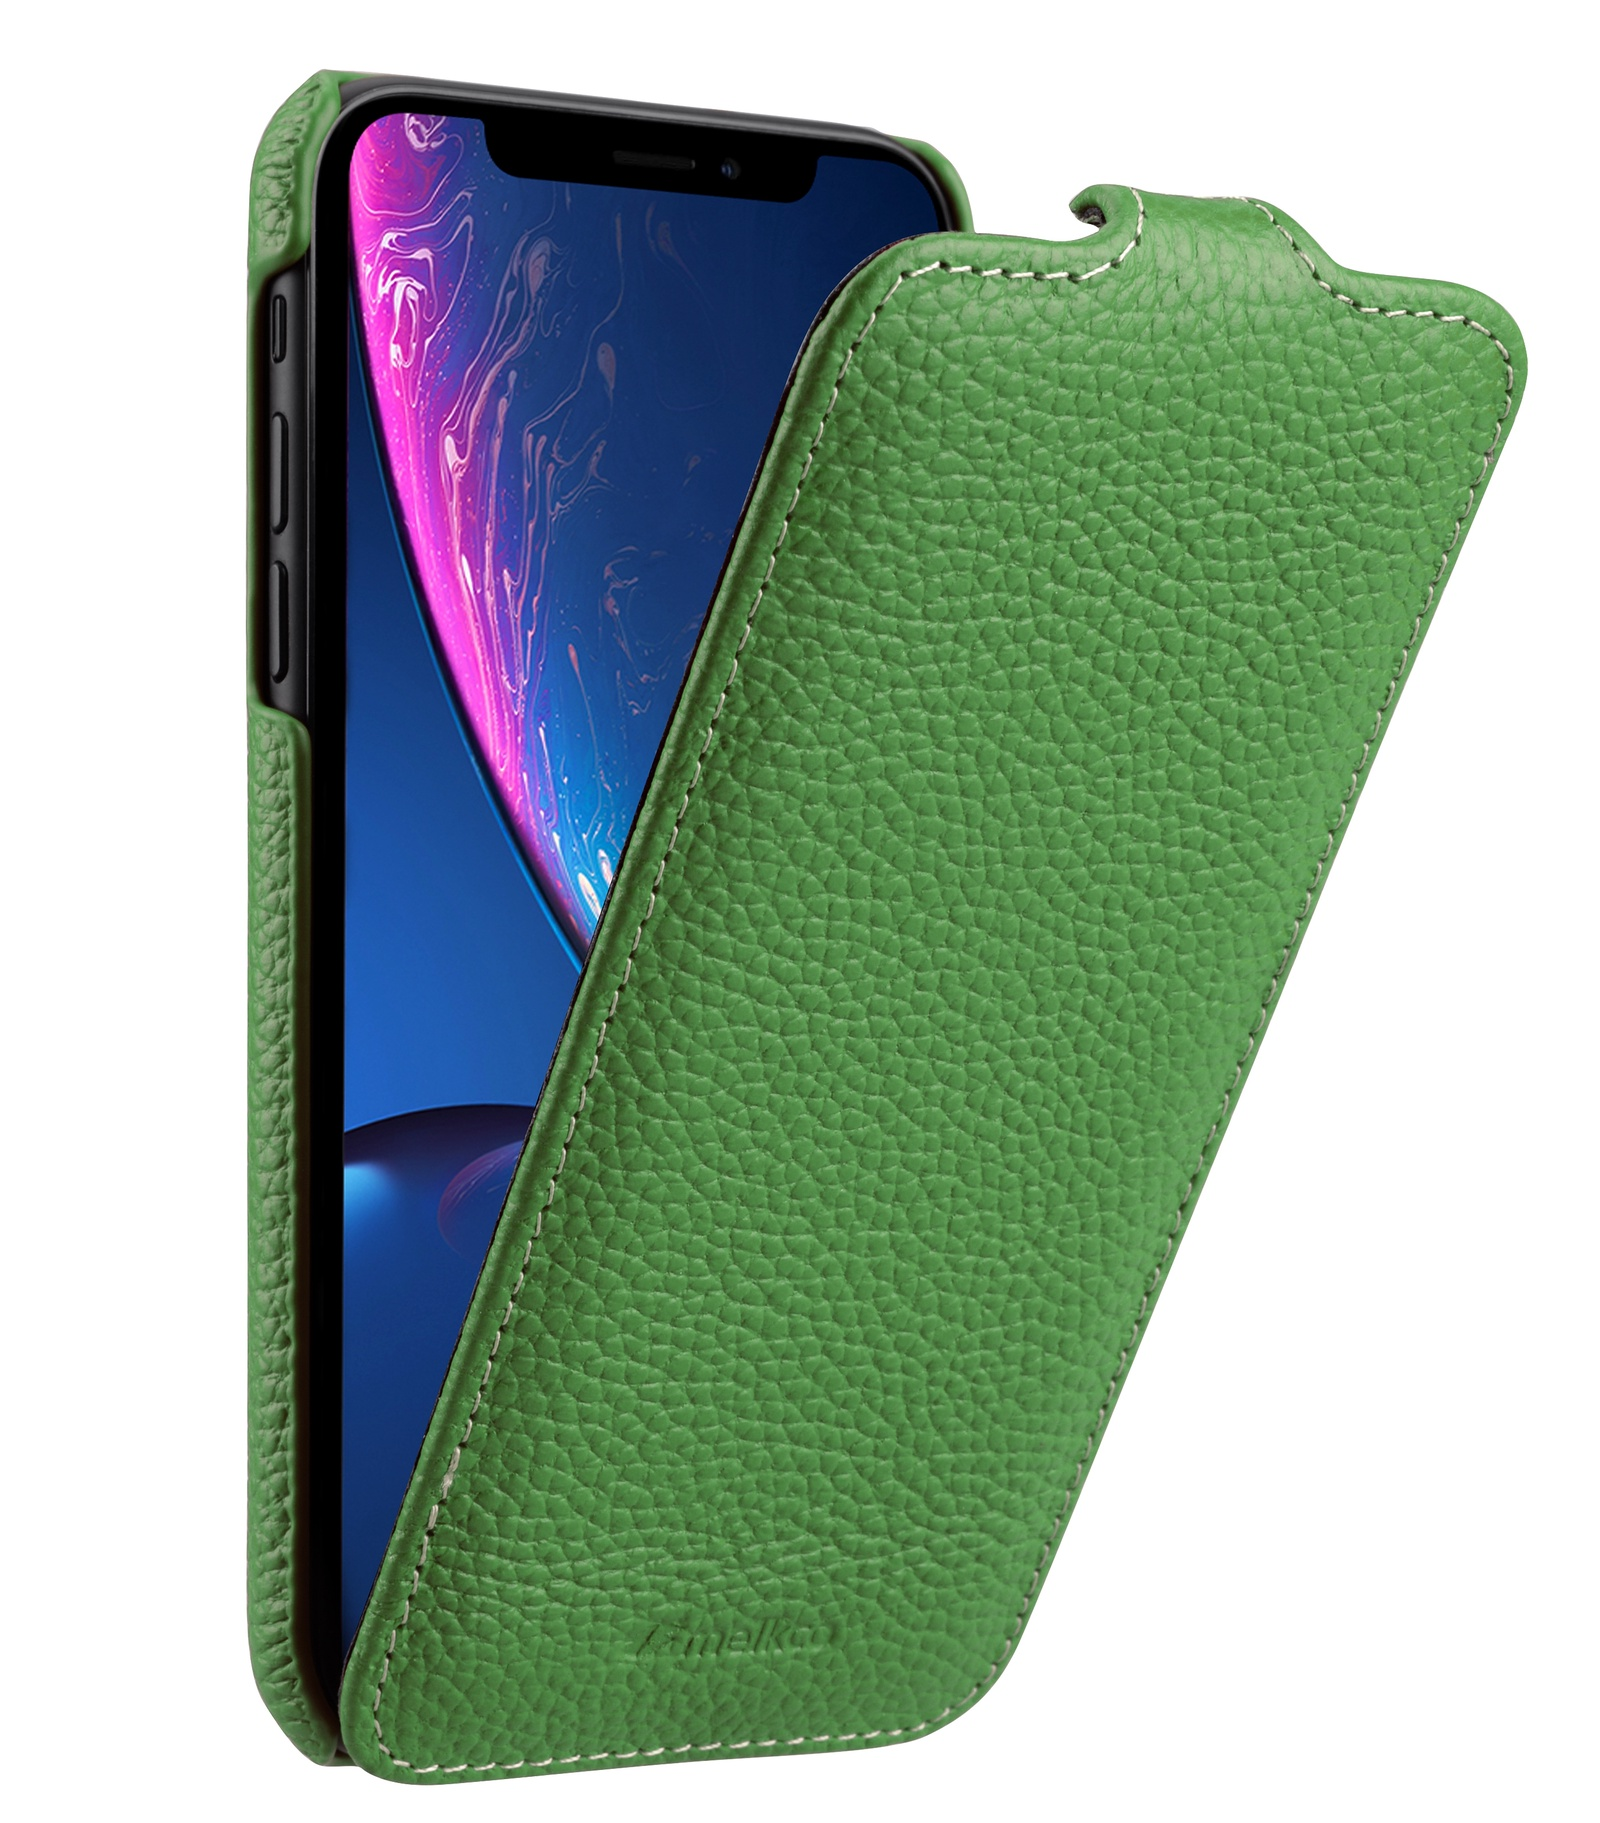 Чехол для сотового телефона Melkco Кожаный чехол флип для Apple iPhone XR - Jacka Type, зеленый чехол для сотового телефона melkco кожаный чехол флип для apple iphone x xs jacka type сиреневый